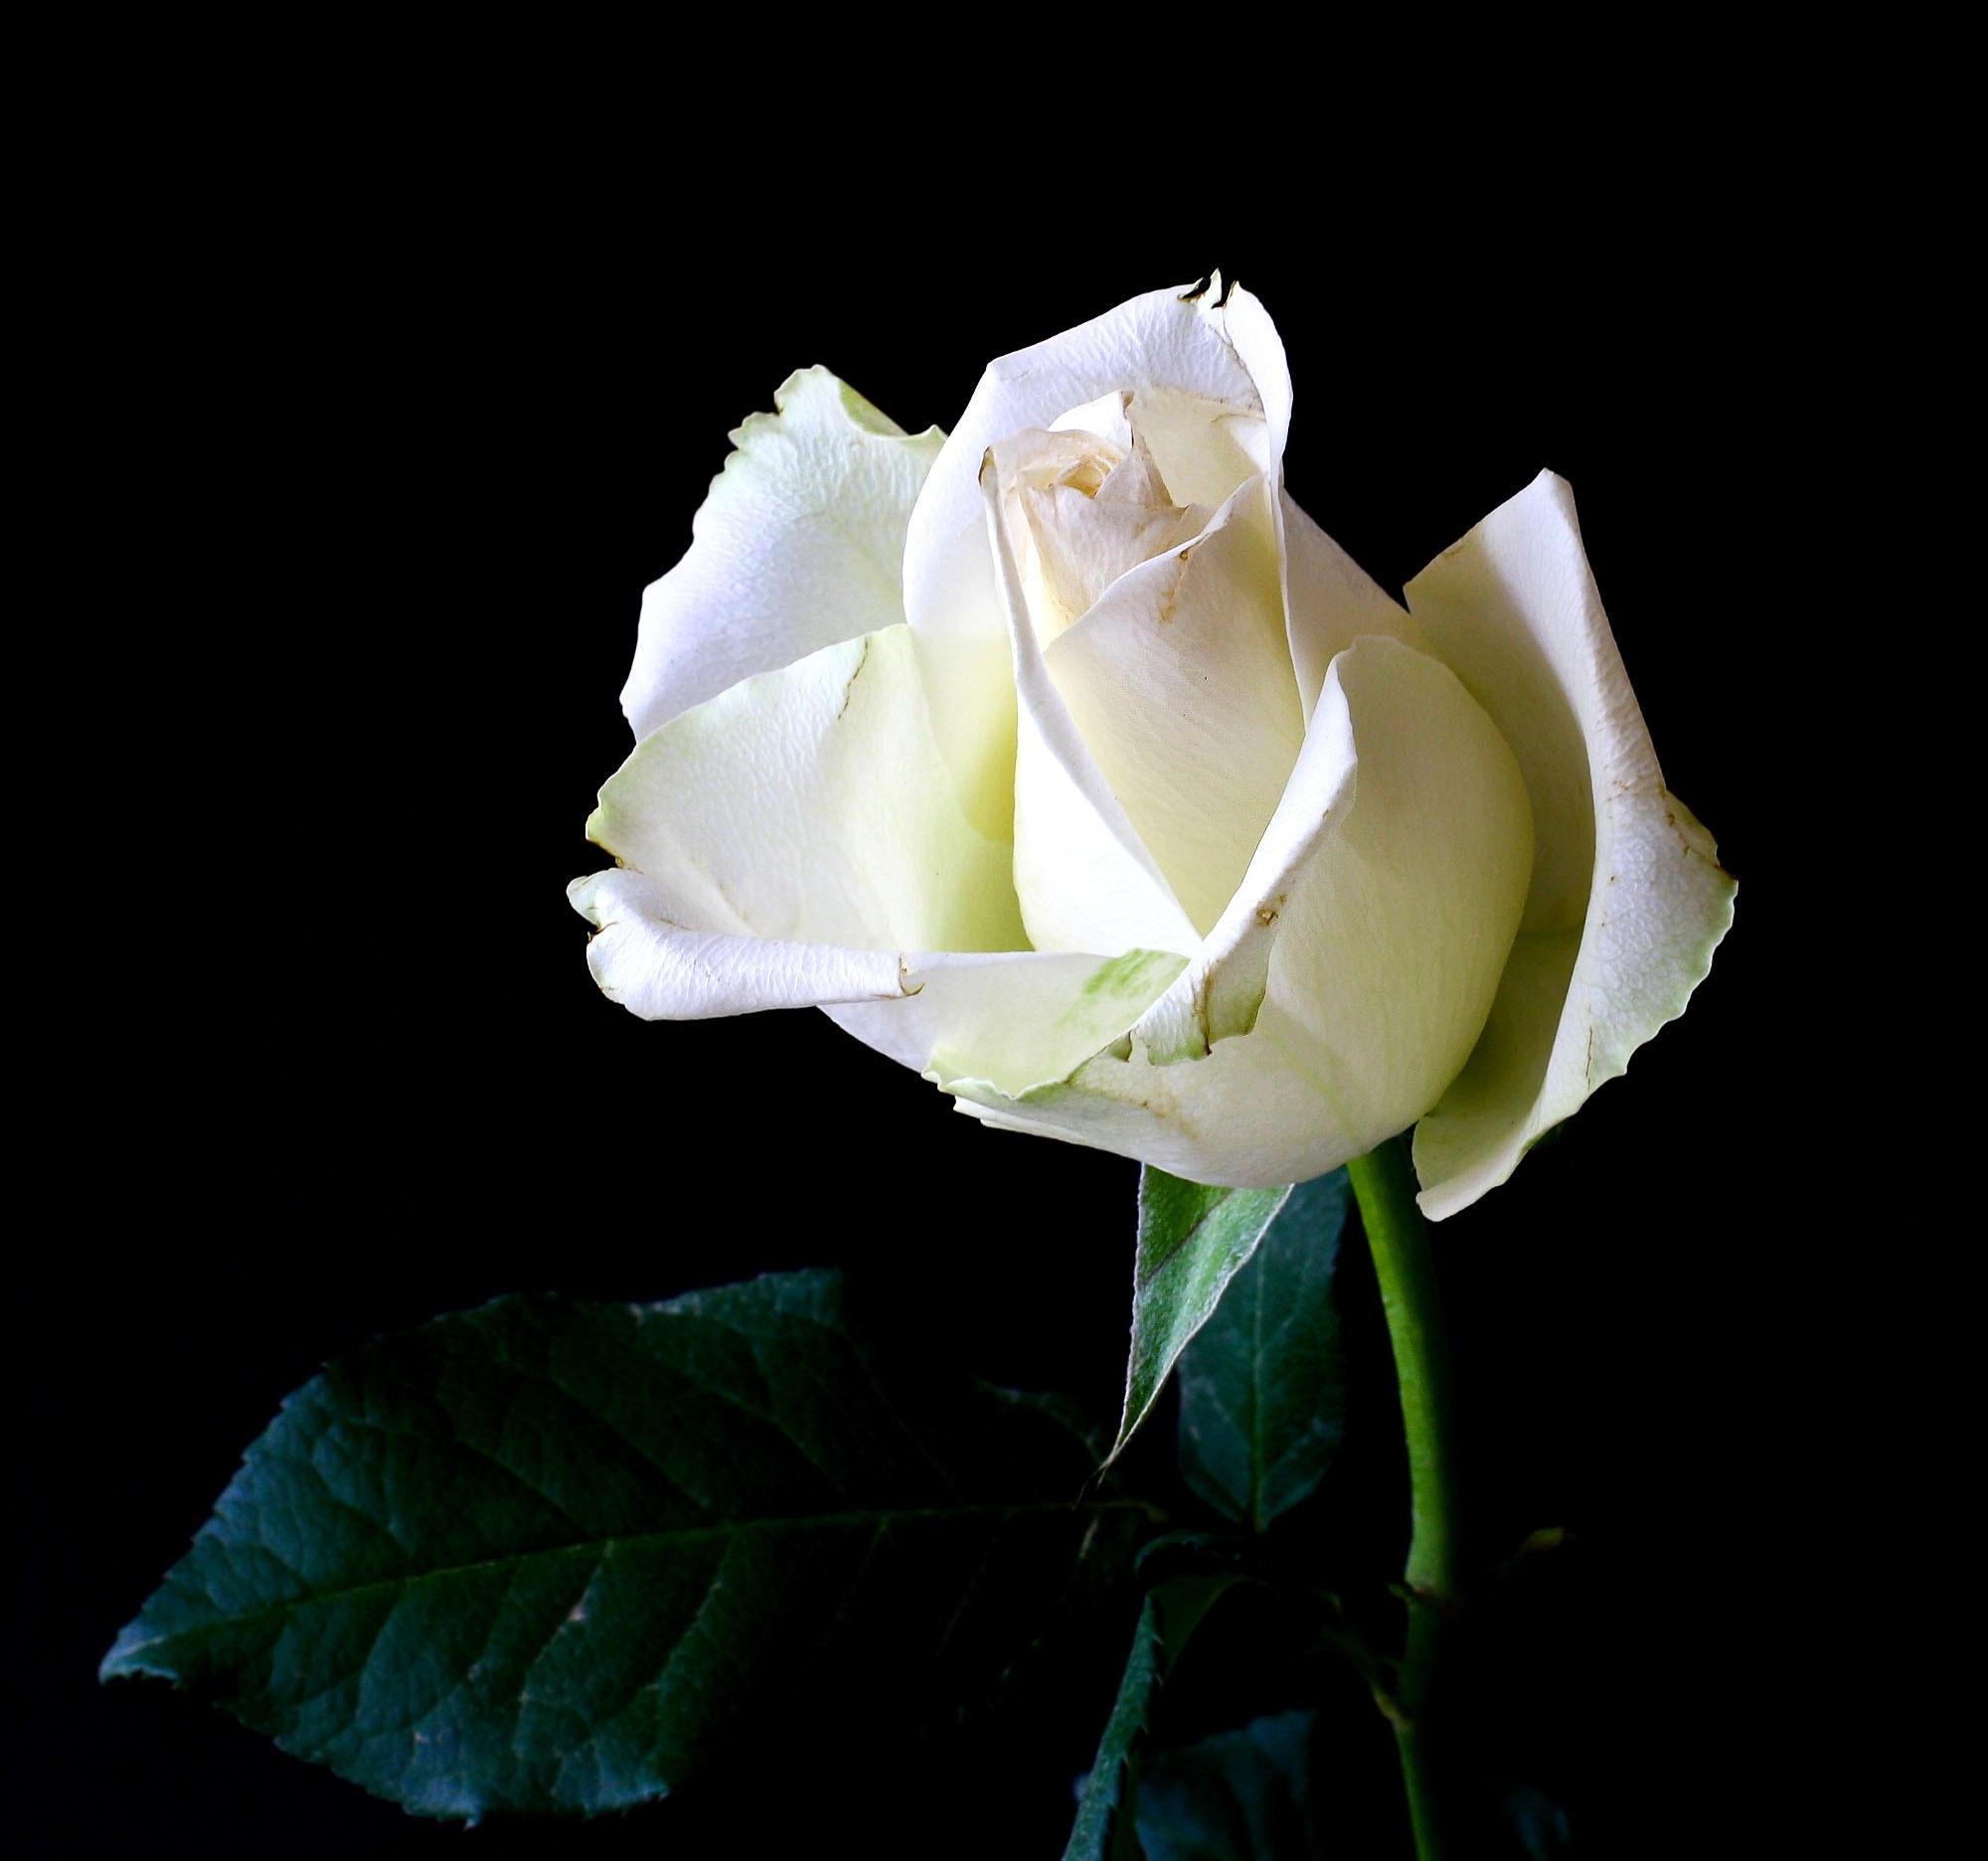 bloom-blossom-flower-36420.jpg